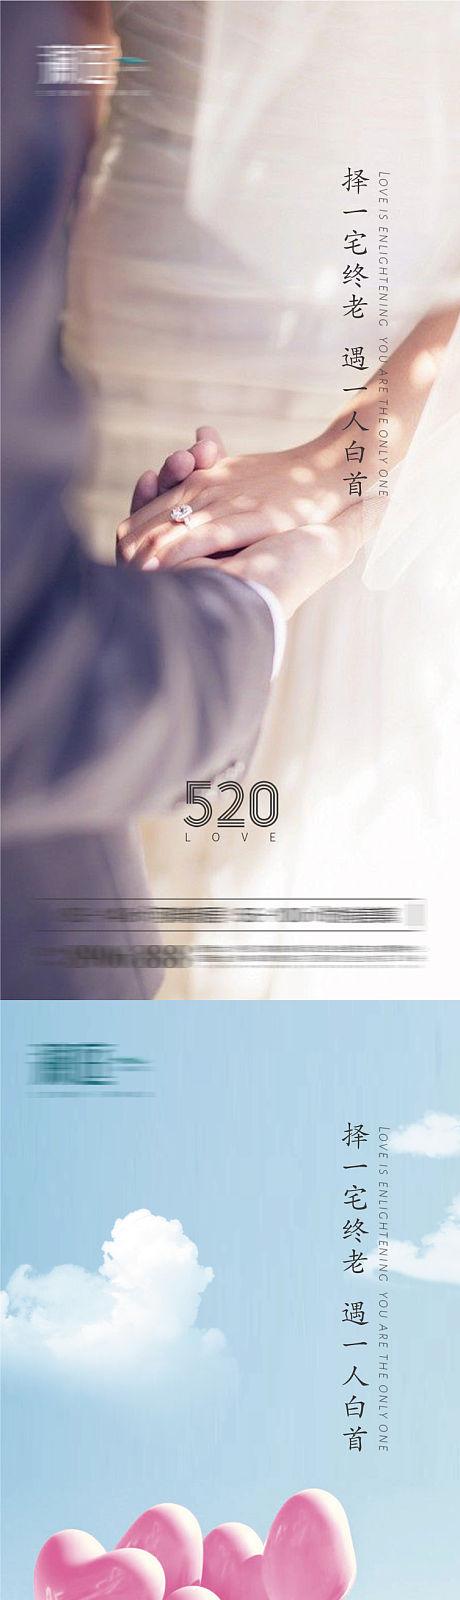 520节日系列海报-源文件